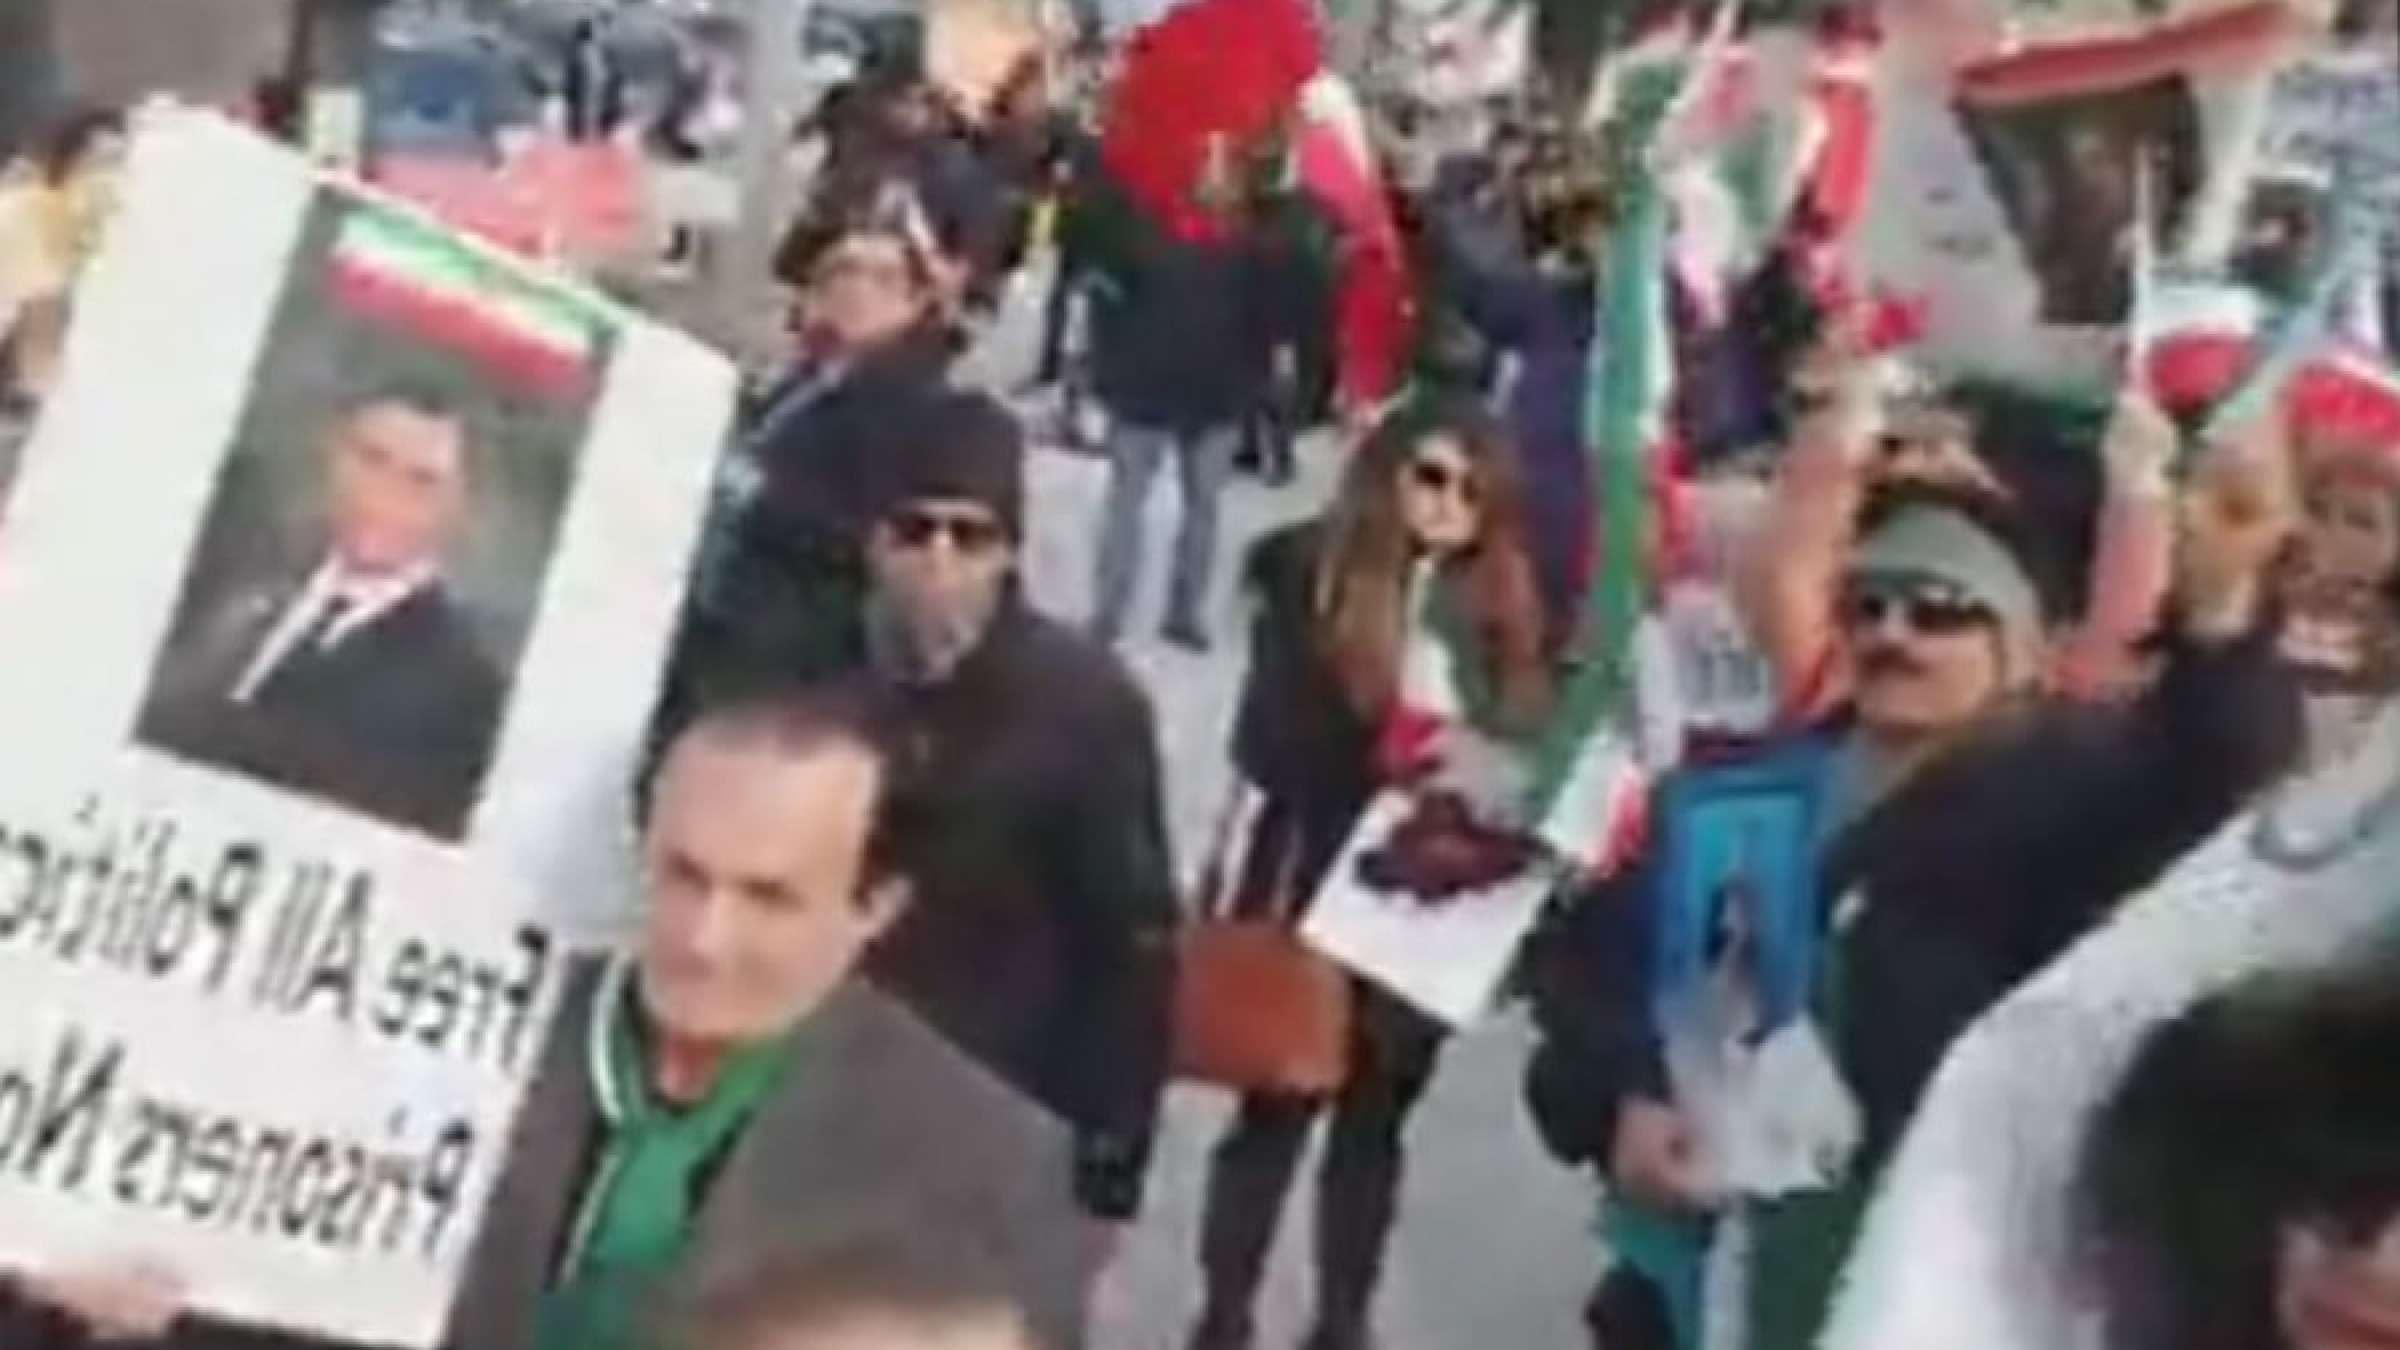 اخبار-کانادا-تجمع-اعتراضی-تورنتوییها-در-حمایت-از-اعتراضات-مردم-ایران